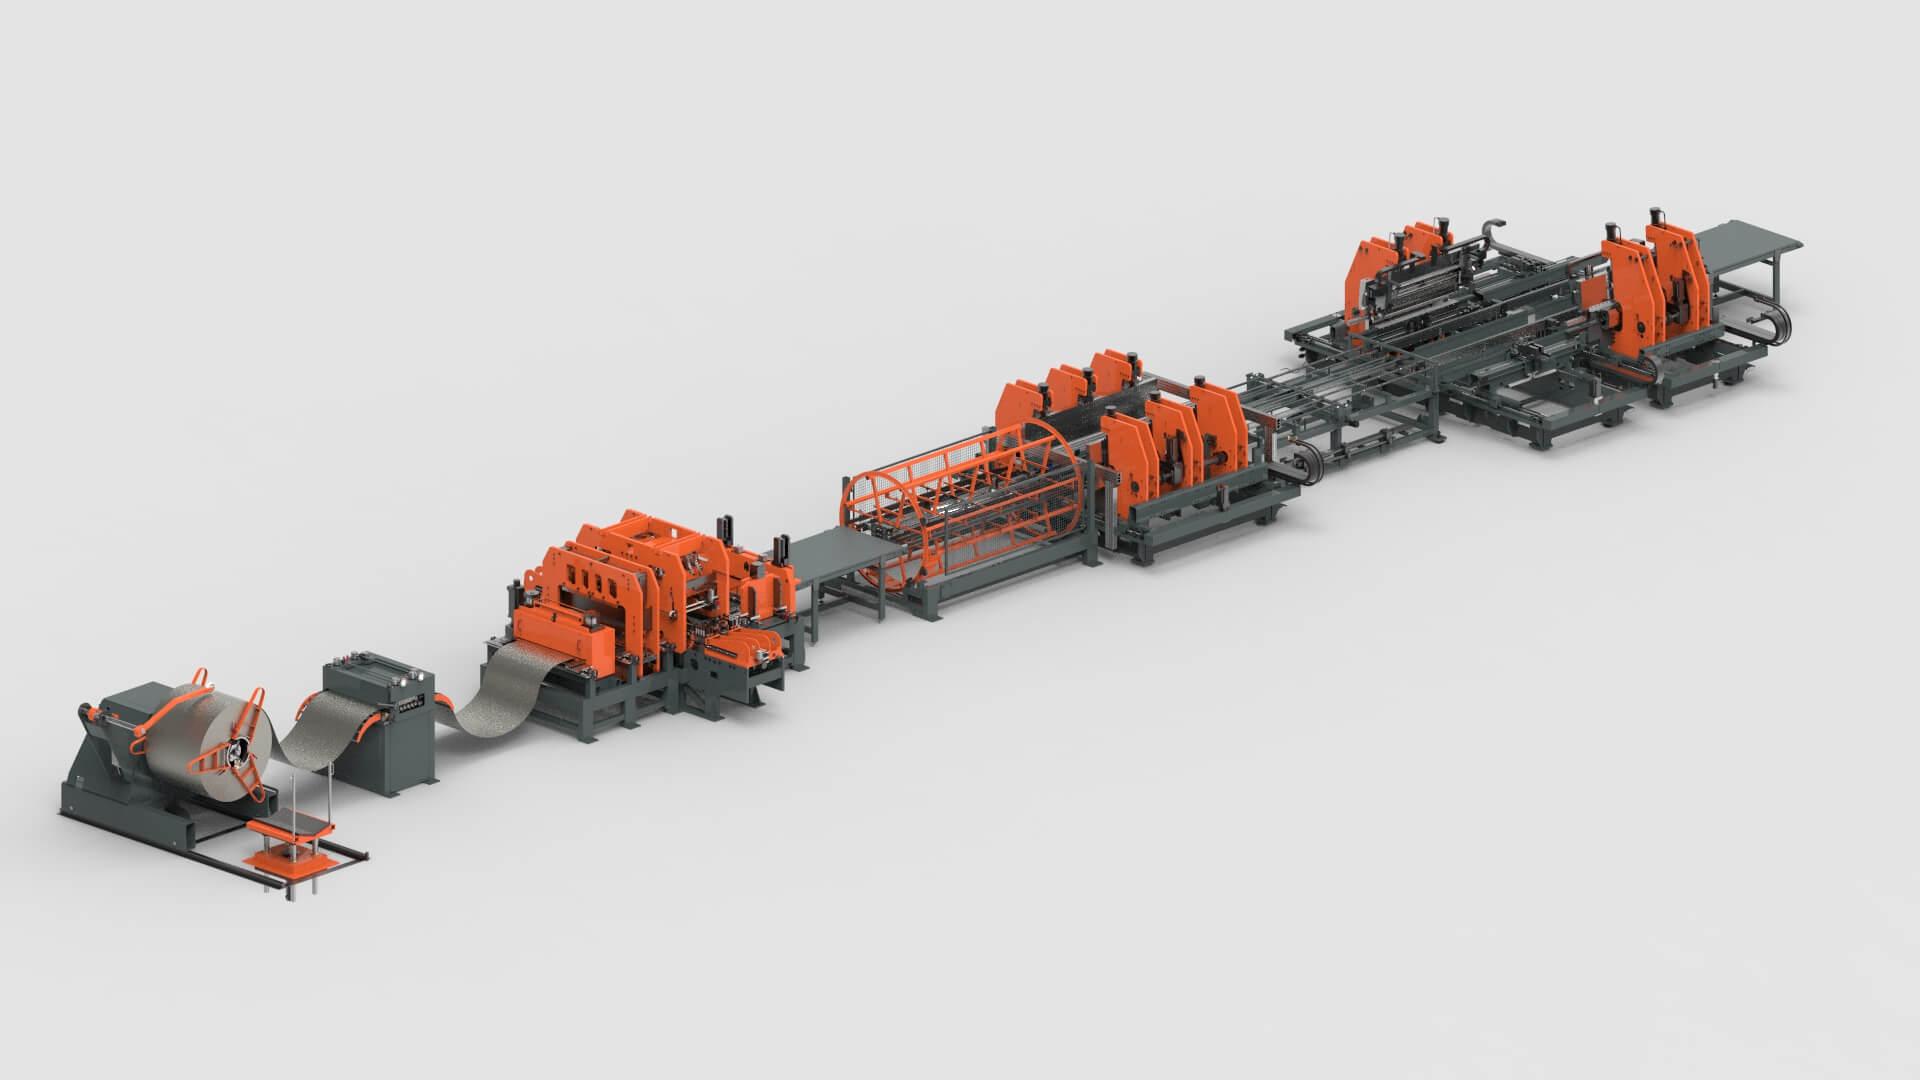 wemo-stalen-kasten-plaatbewerking-coil-ponsen-buigen-productielijn